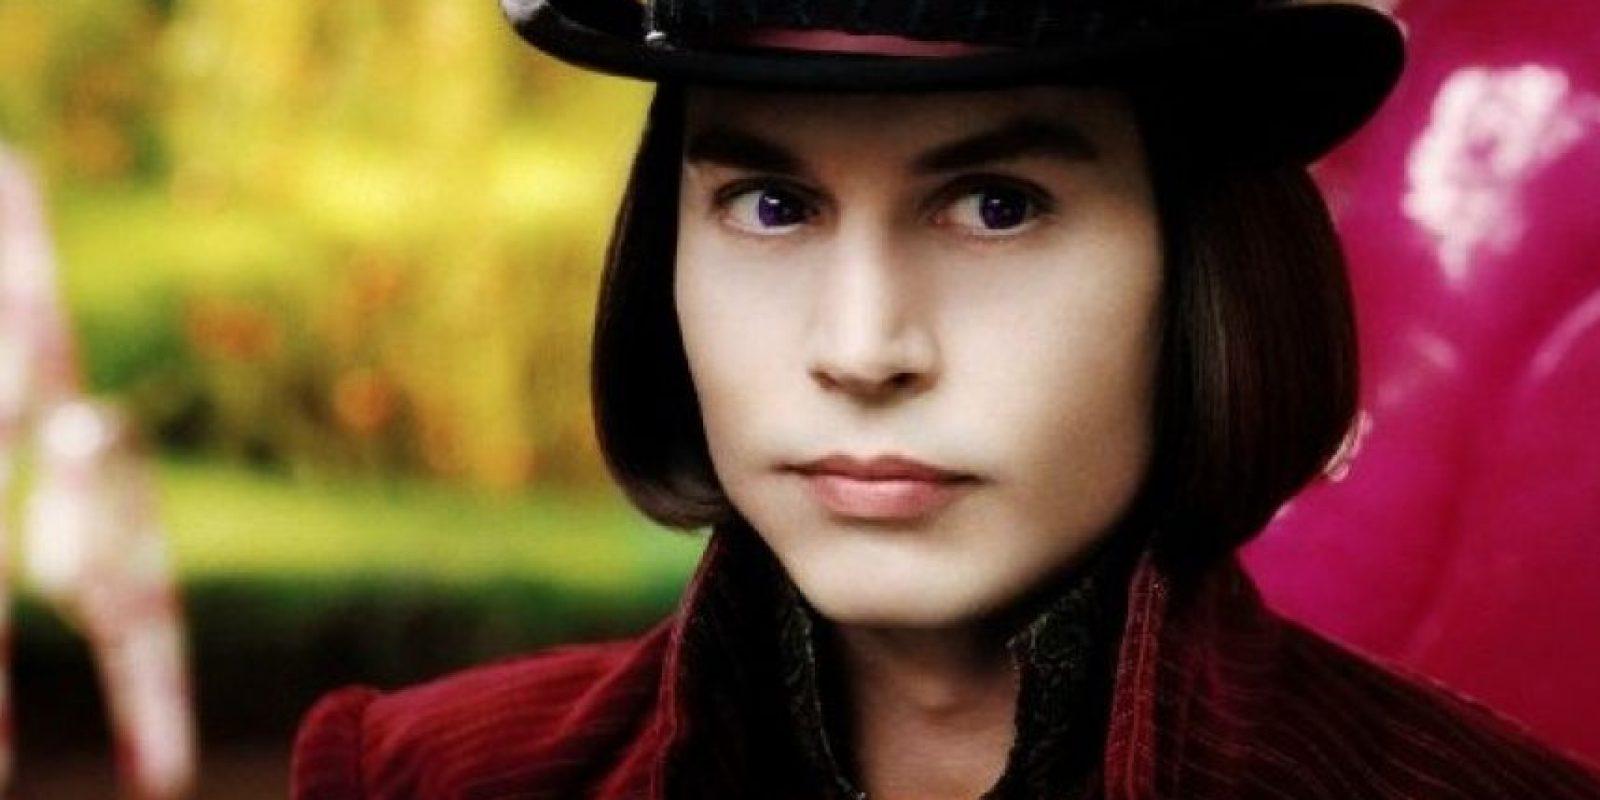 Como en el caso de Willy Wonka Foto:IMDb